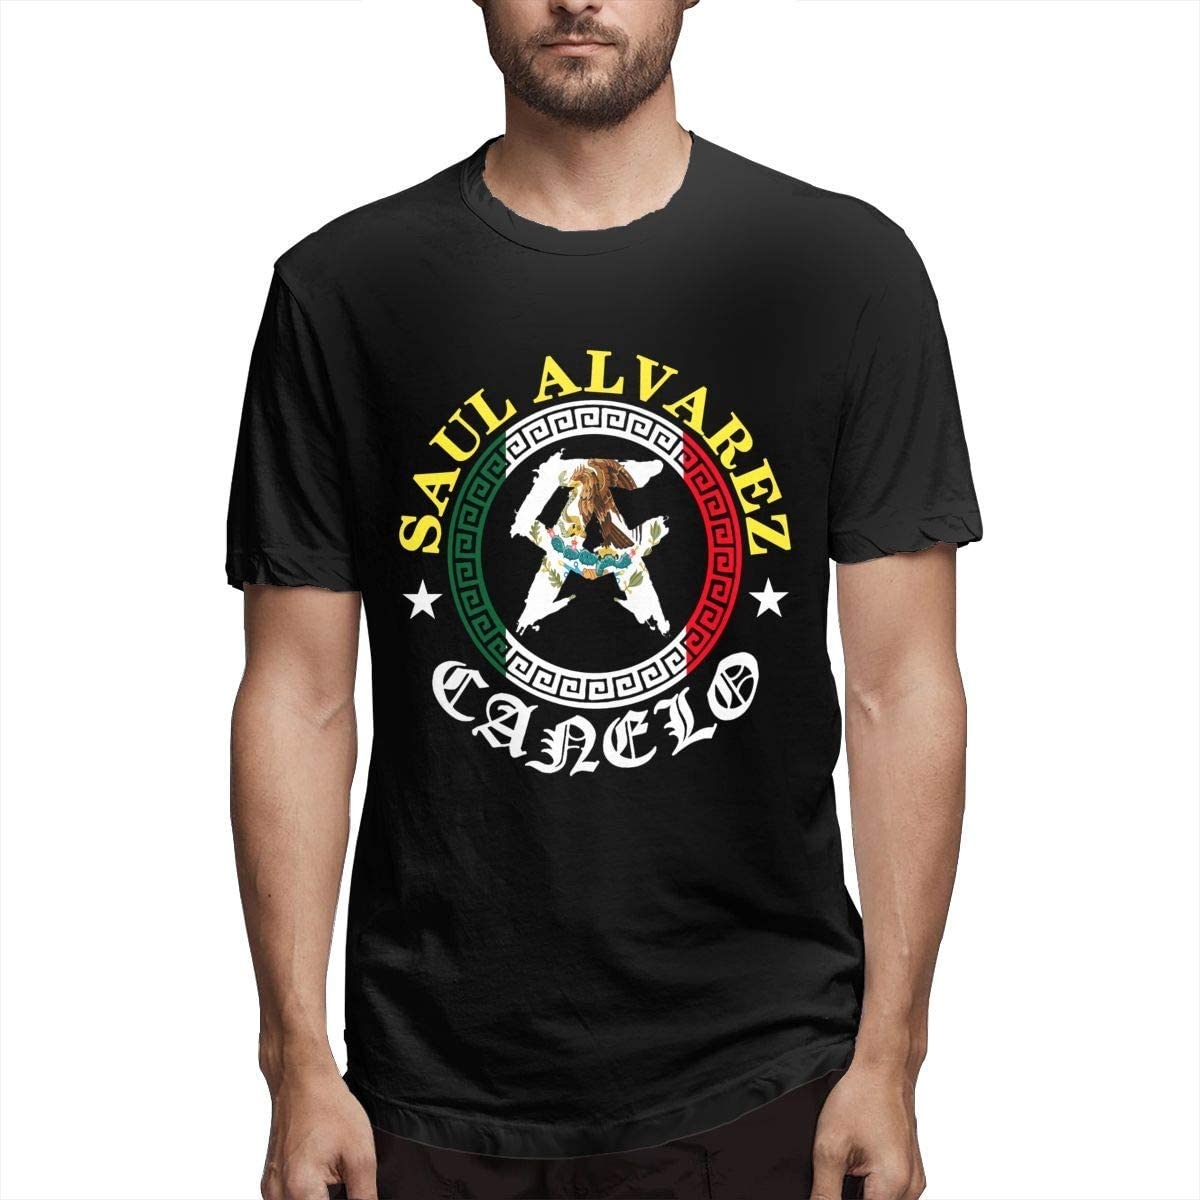 Saul Alvarez Canelo 1 - Camiseta deportiva de manga corta para hombre